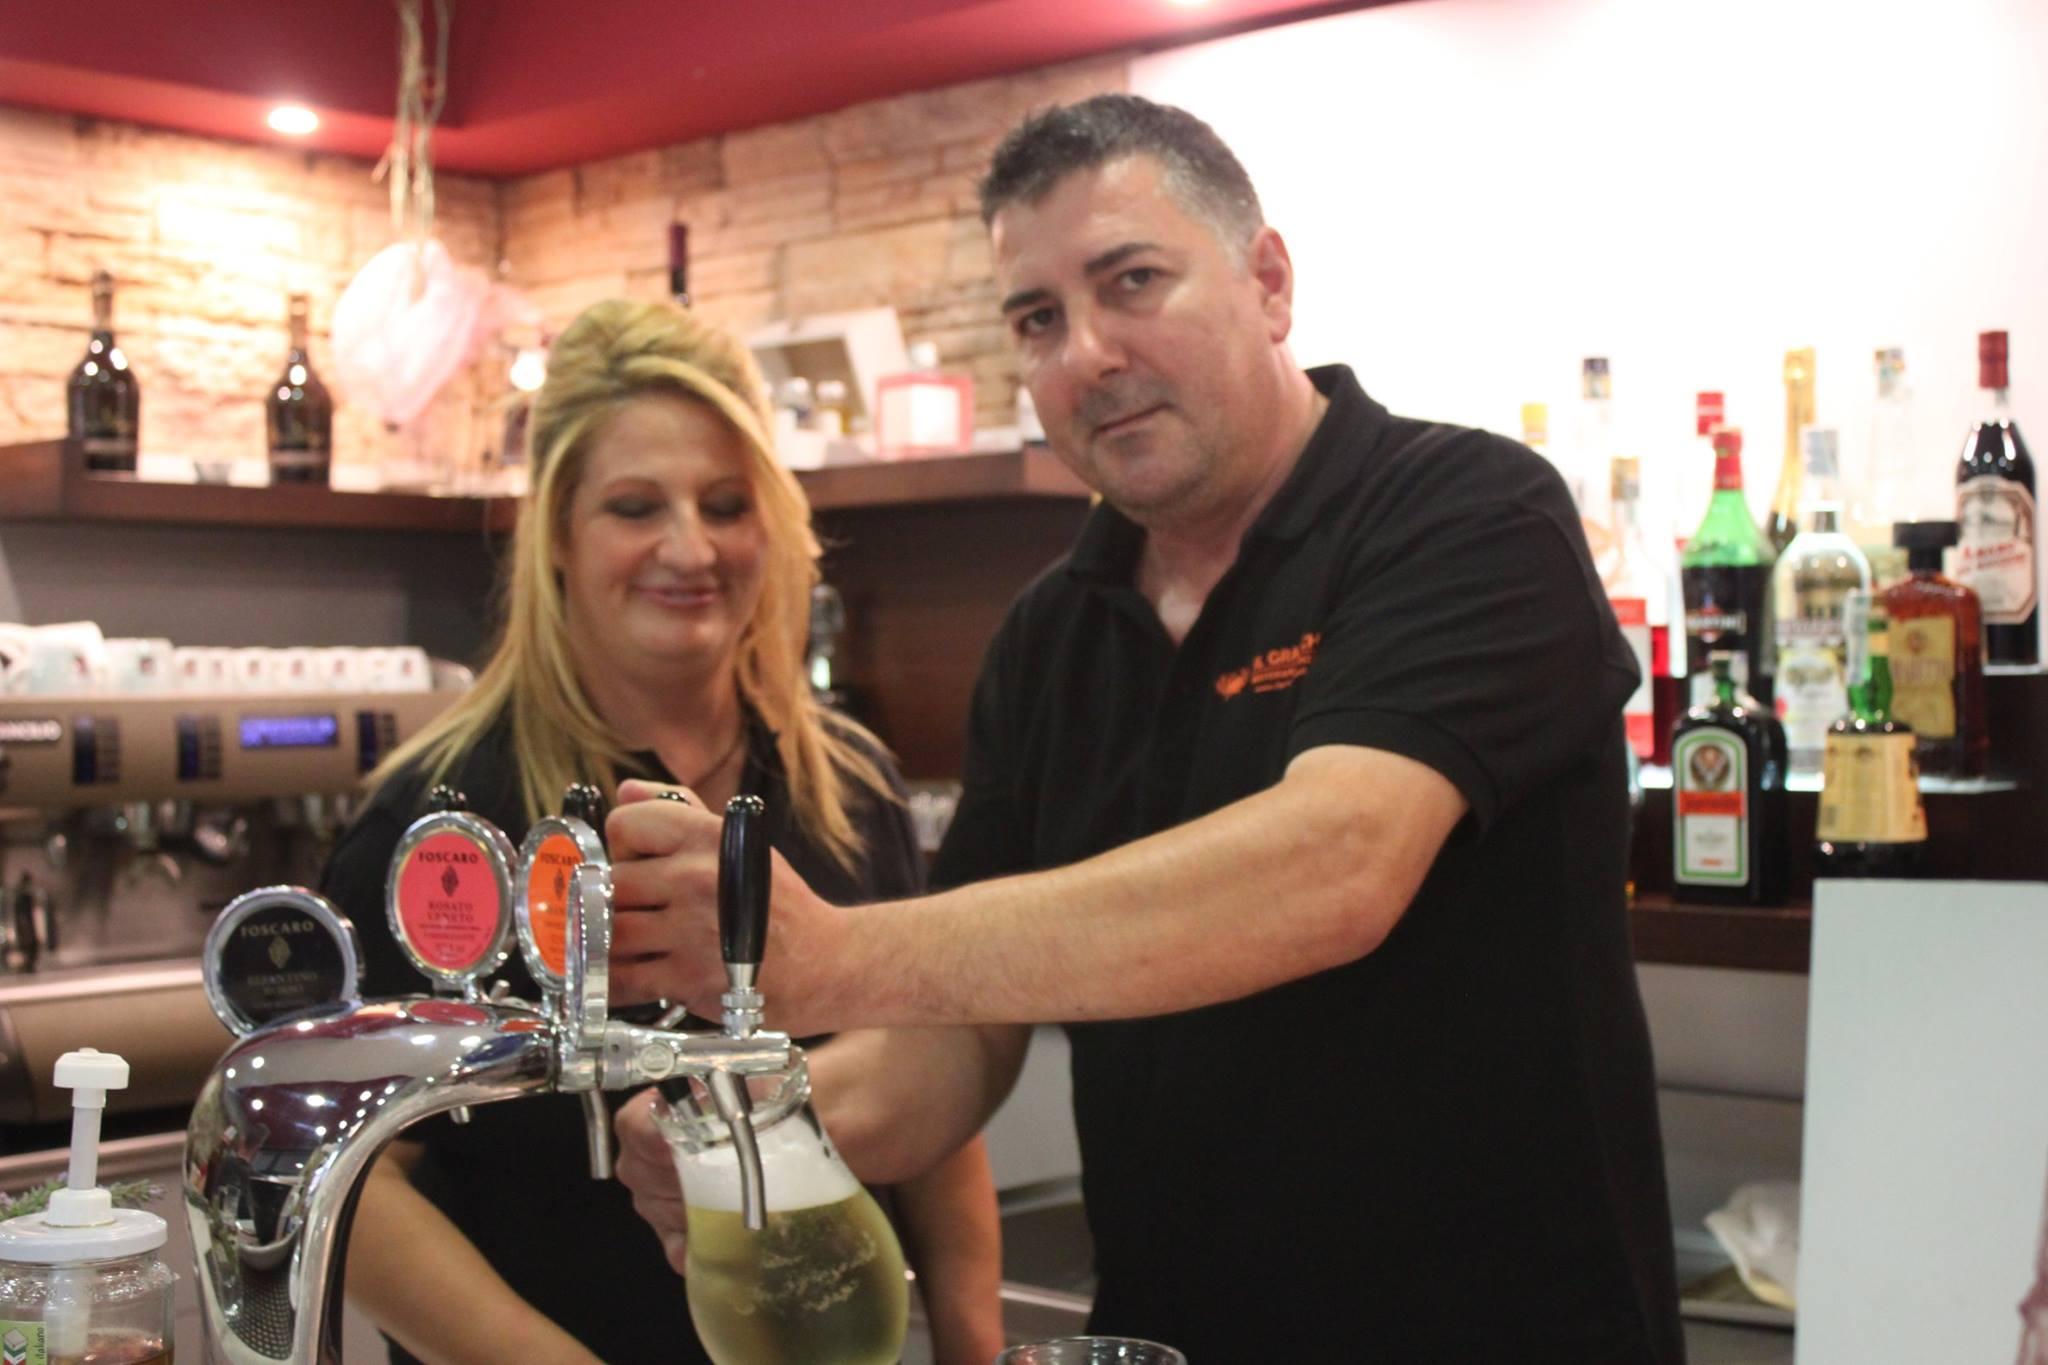 un uomo in posa per una foto mentre riempie un bicchiere di birra alla spina e accanto una donna bionda